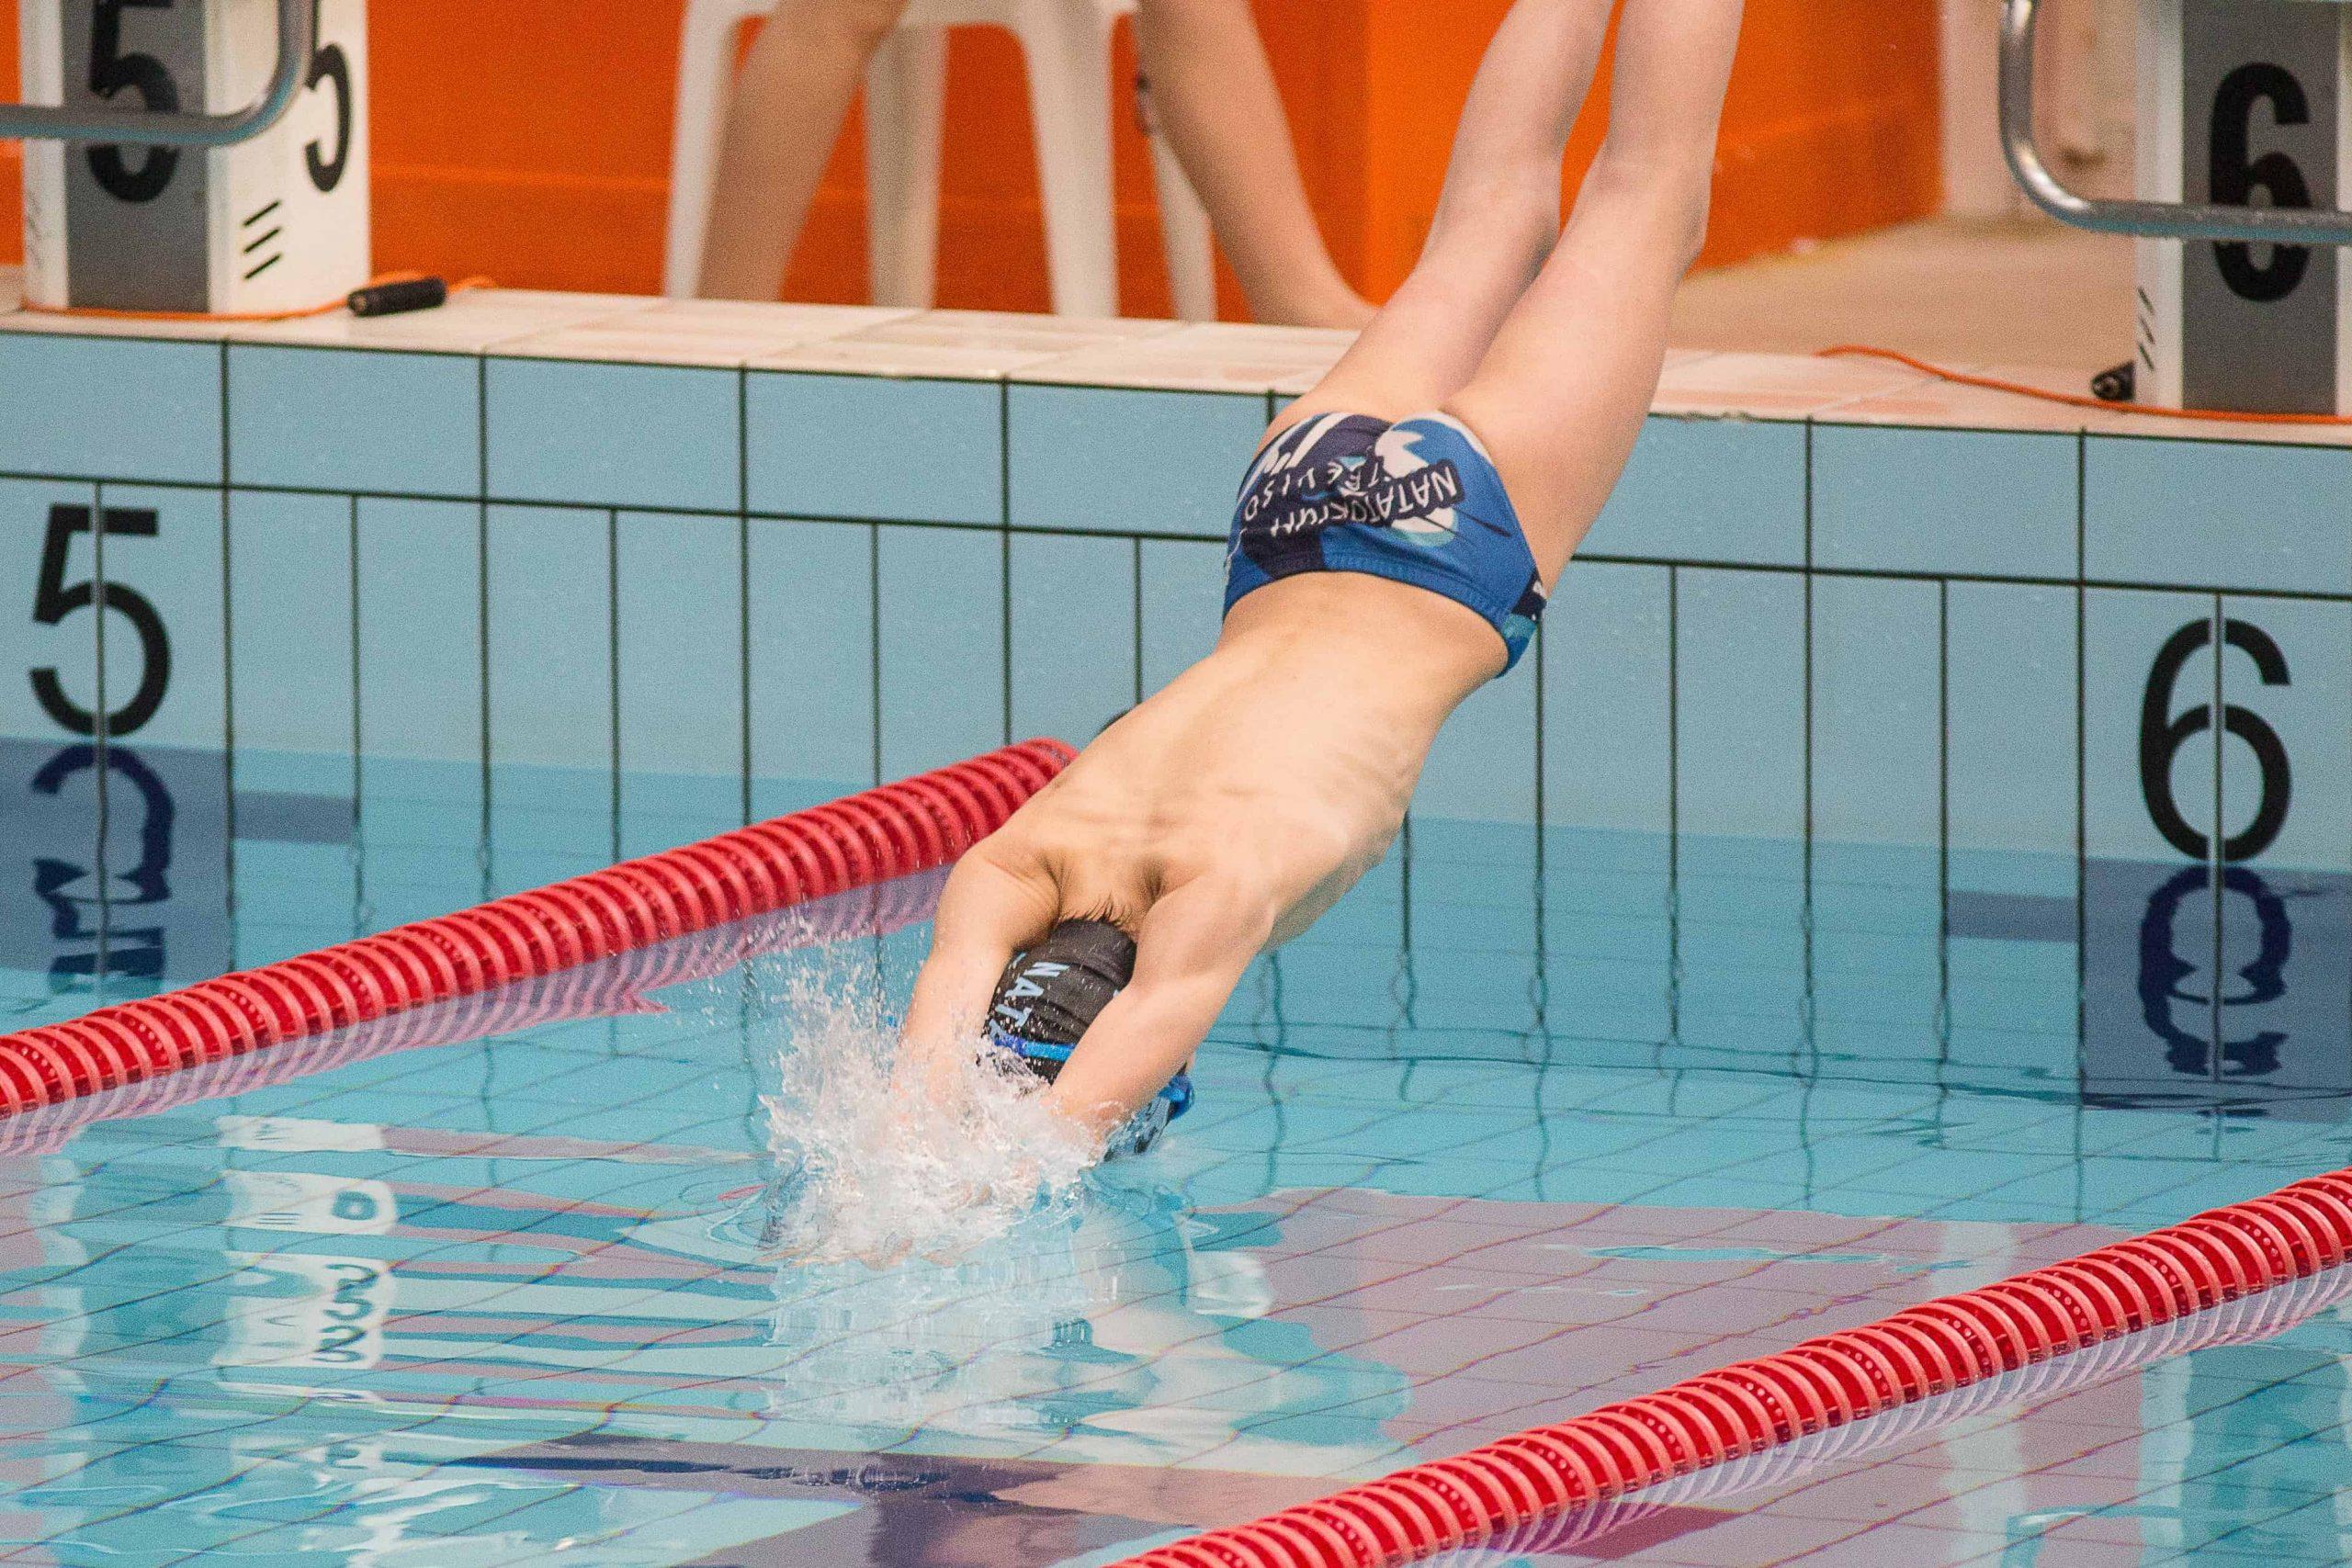 Imagem mostra um homem vestindo sunga mergulhando em uma piscina.